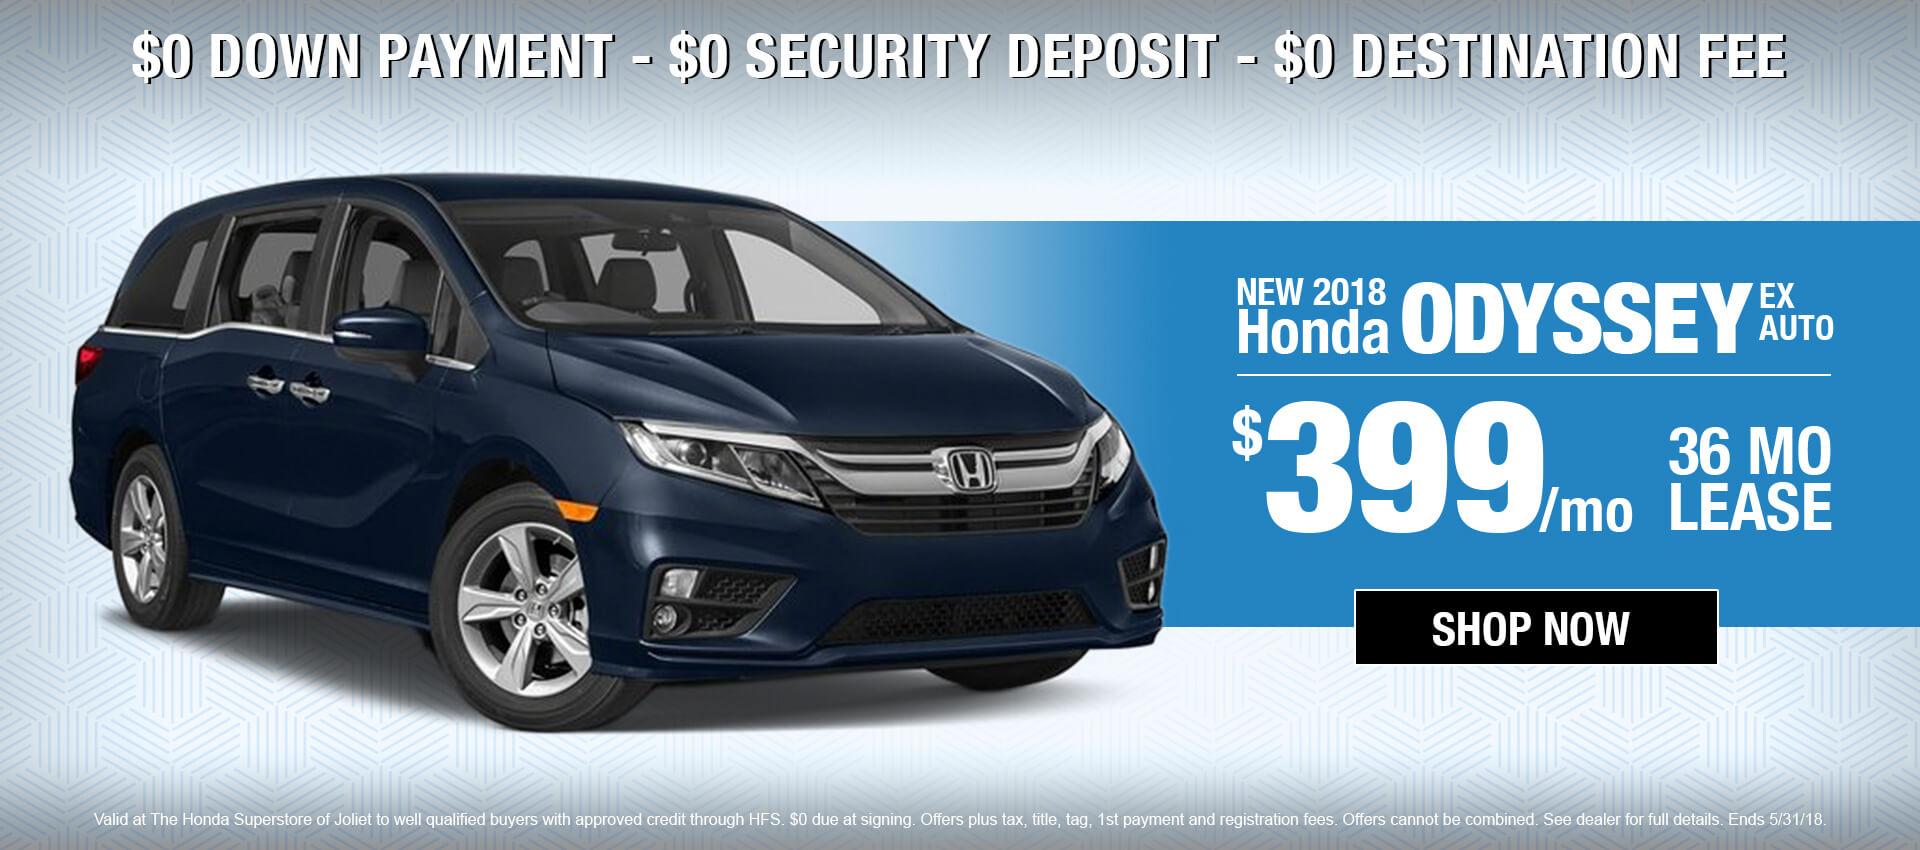 2018 Honda Odyssey EX $399